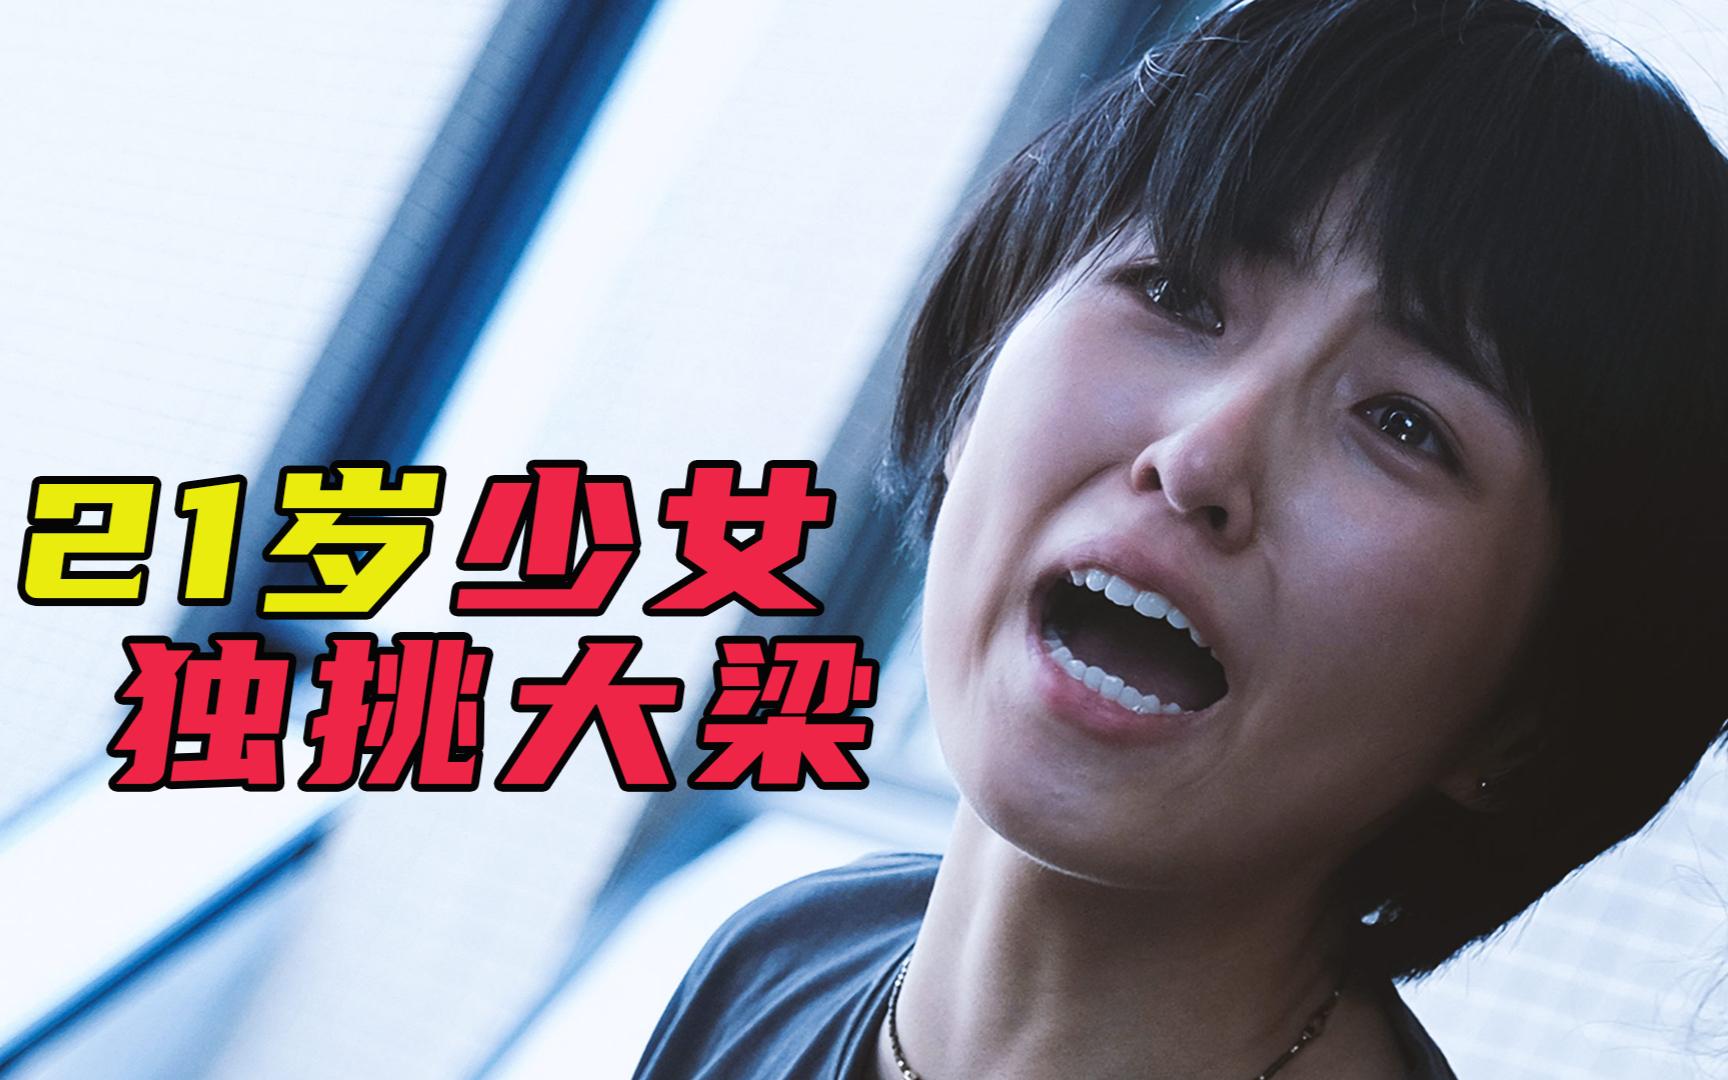 【独家】【何止电影】首日破亿却极具争议,21岁少女挑起大梁的催泪之作《我的姐姐》